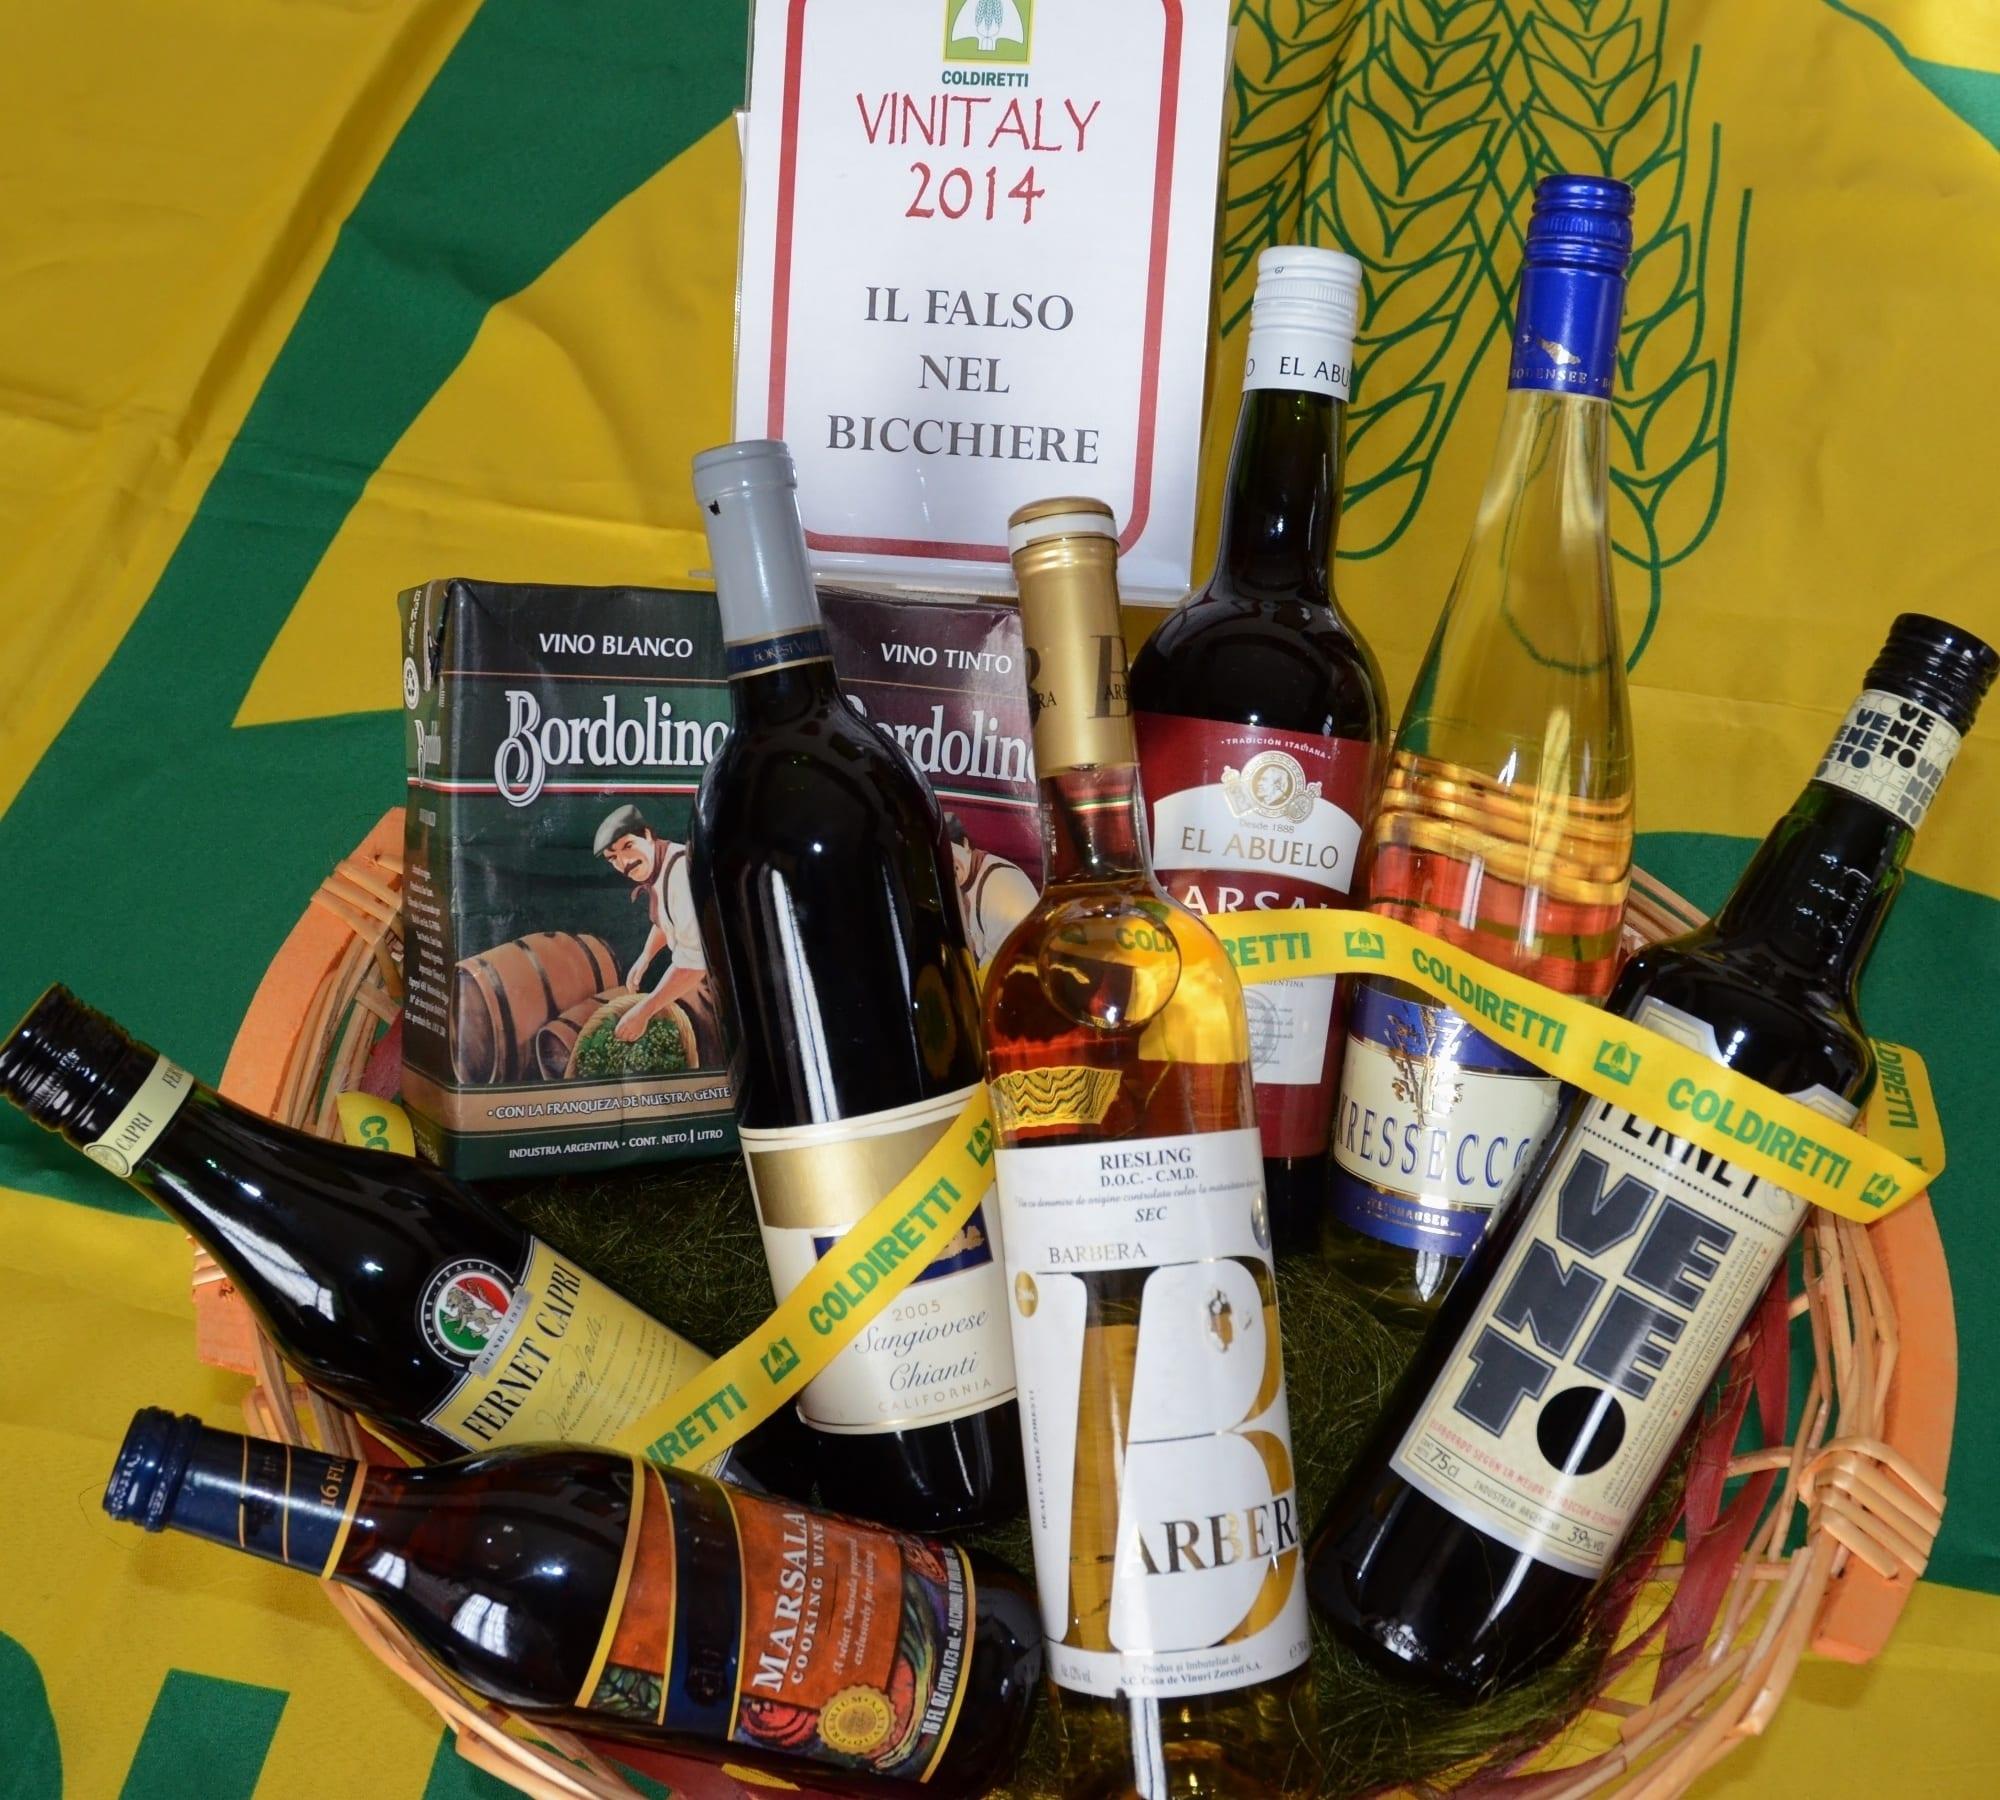 Vinitaly&falsi. Le campagna per smascherare wine kit e polverine magiche sempre più presenti su web